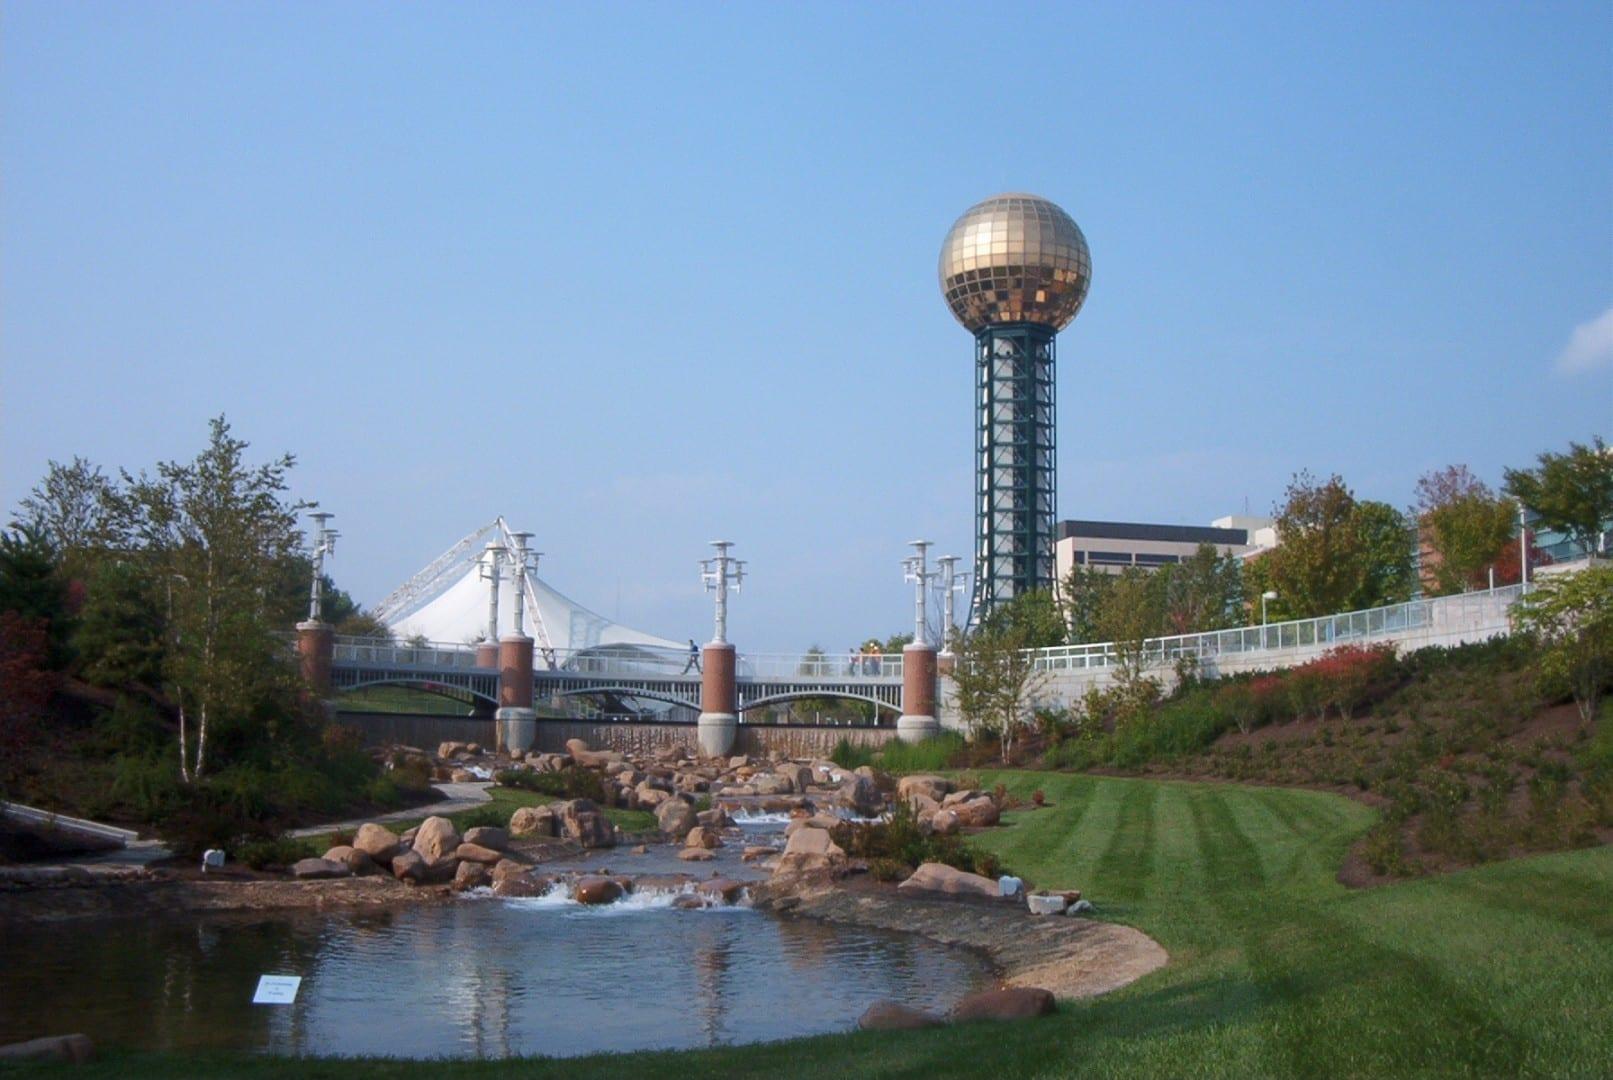 El Parque de la Feria Mundial y la Esfera del Sol Knoxville TN Estados Unidos